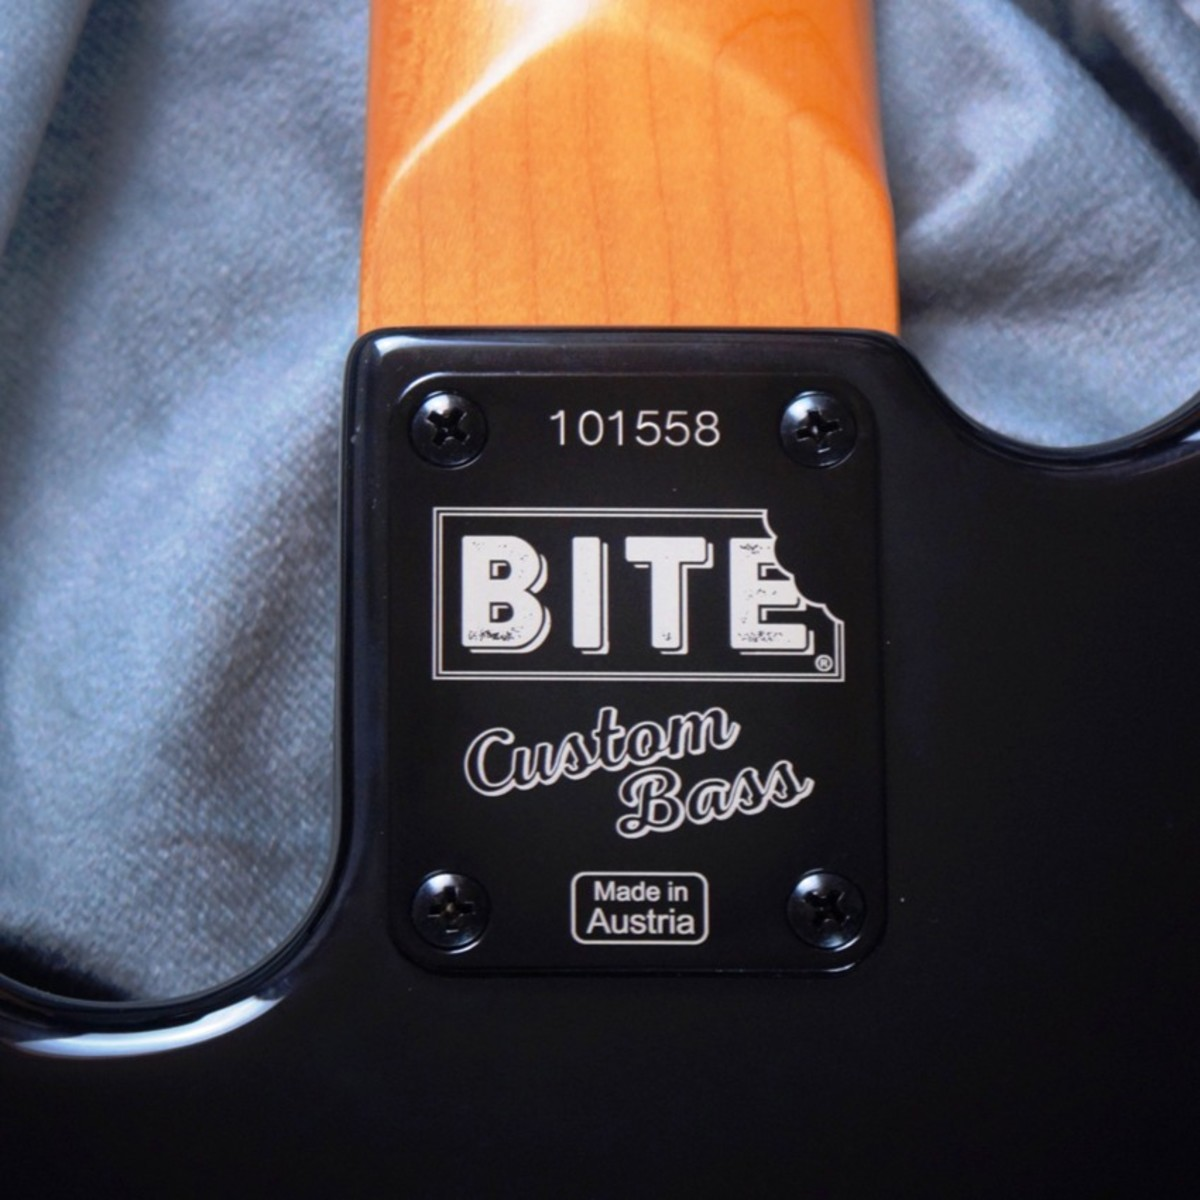 Booster Bass Neck Plate